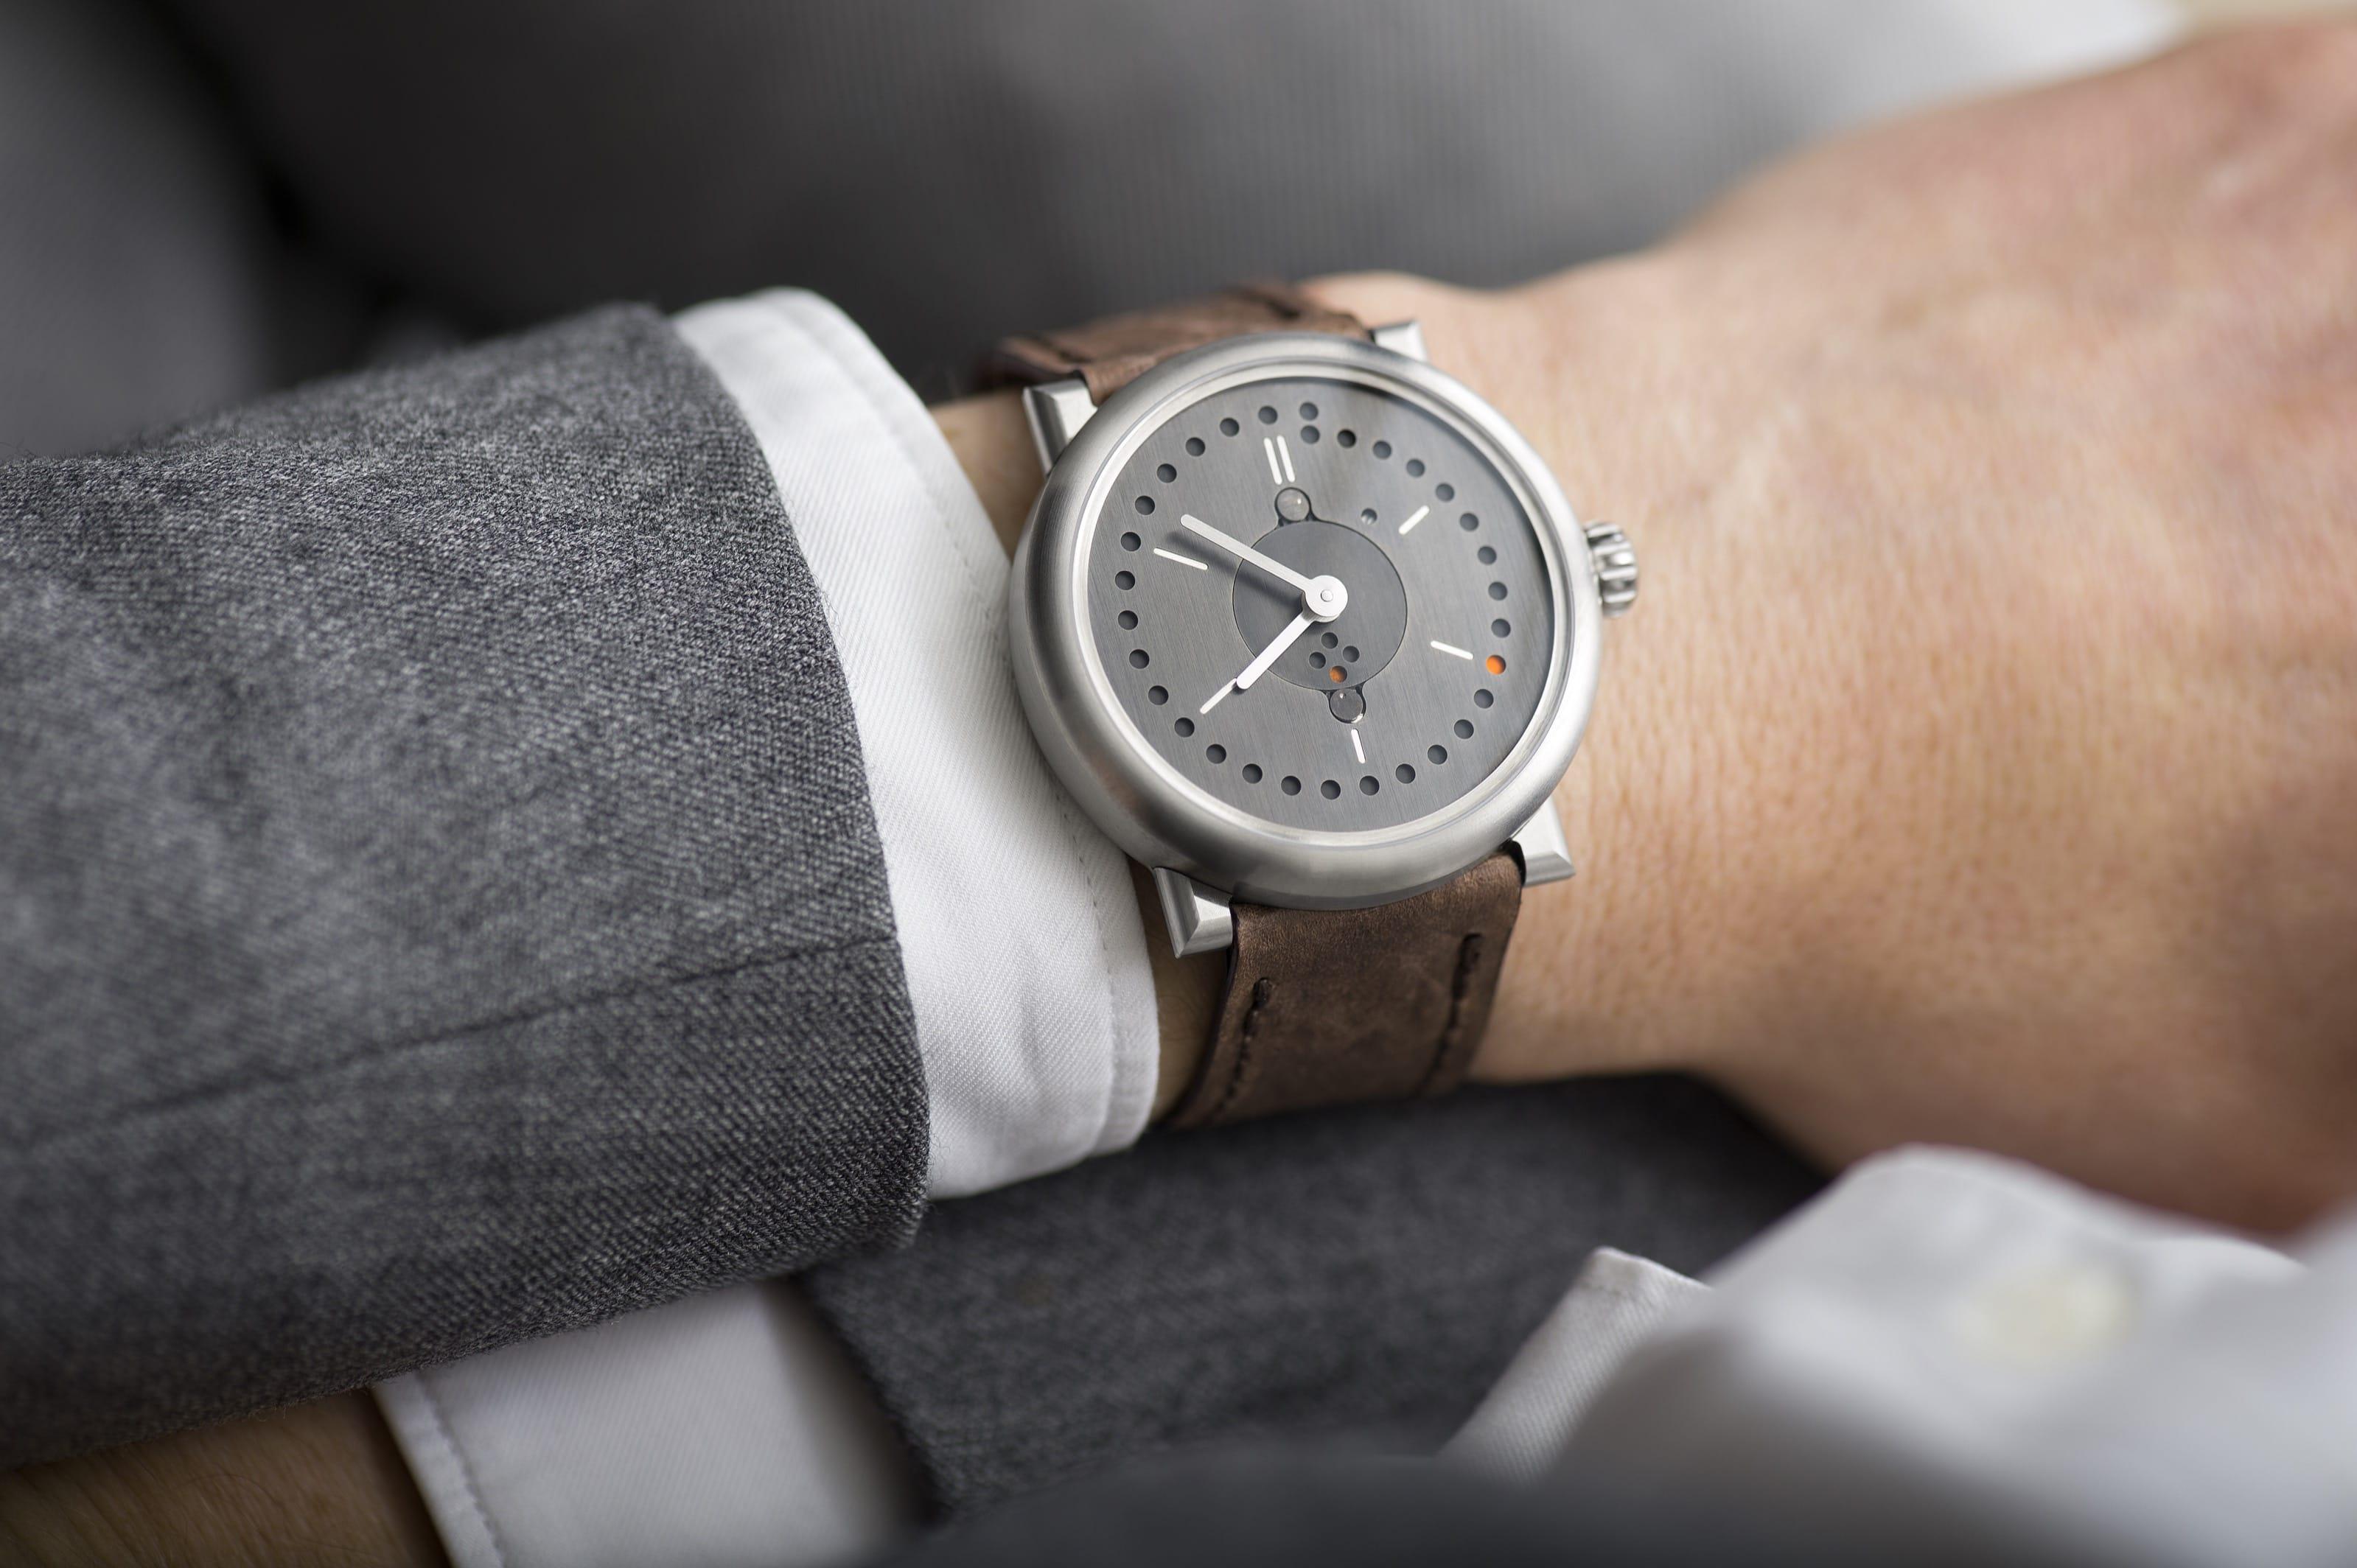 perpetual-calendar-watch-reference-wristshot-ochs-und-junior-07-04-2016-1b_RGB-3198px